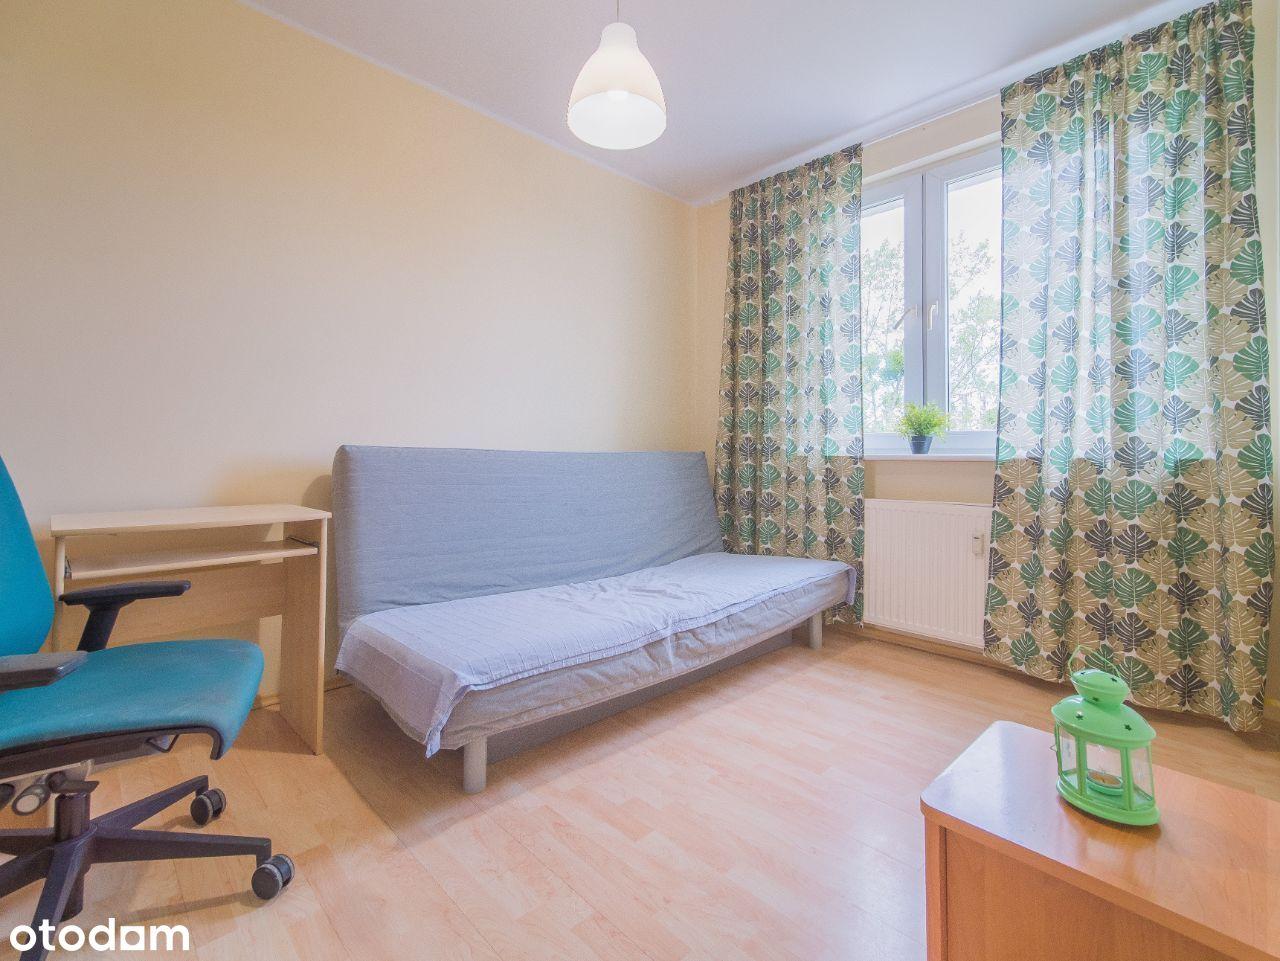 Pokój 1-osobowy - Gdańsk Przymorze-cena z opłatami